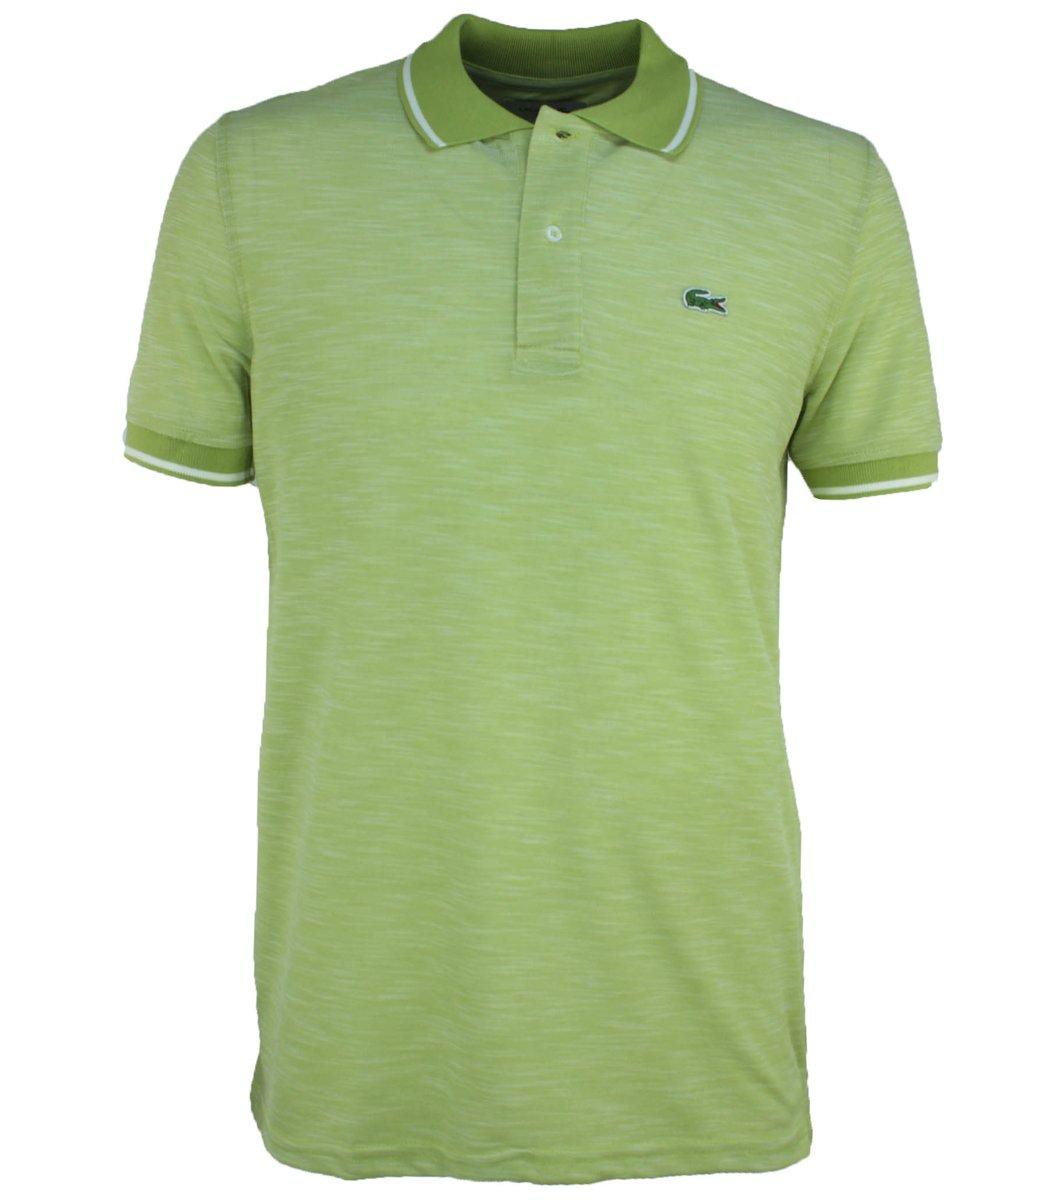 Салатовая футболка поло Lacoste L2